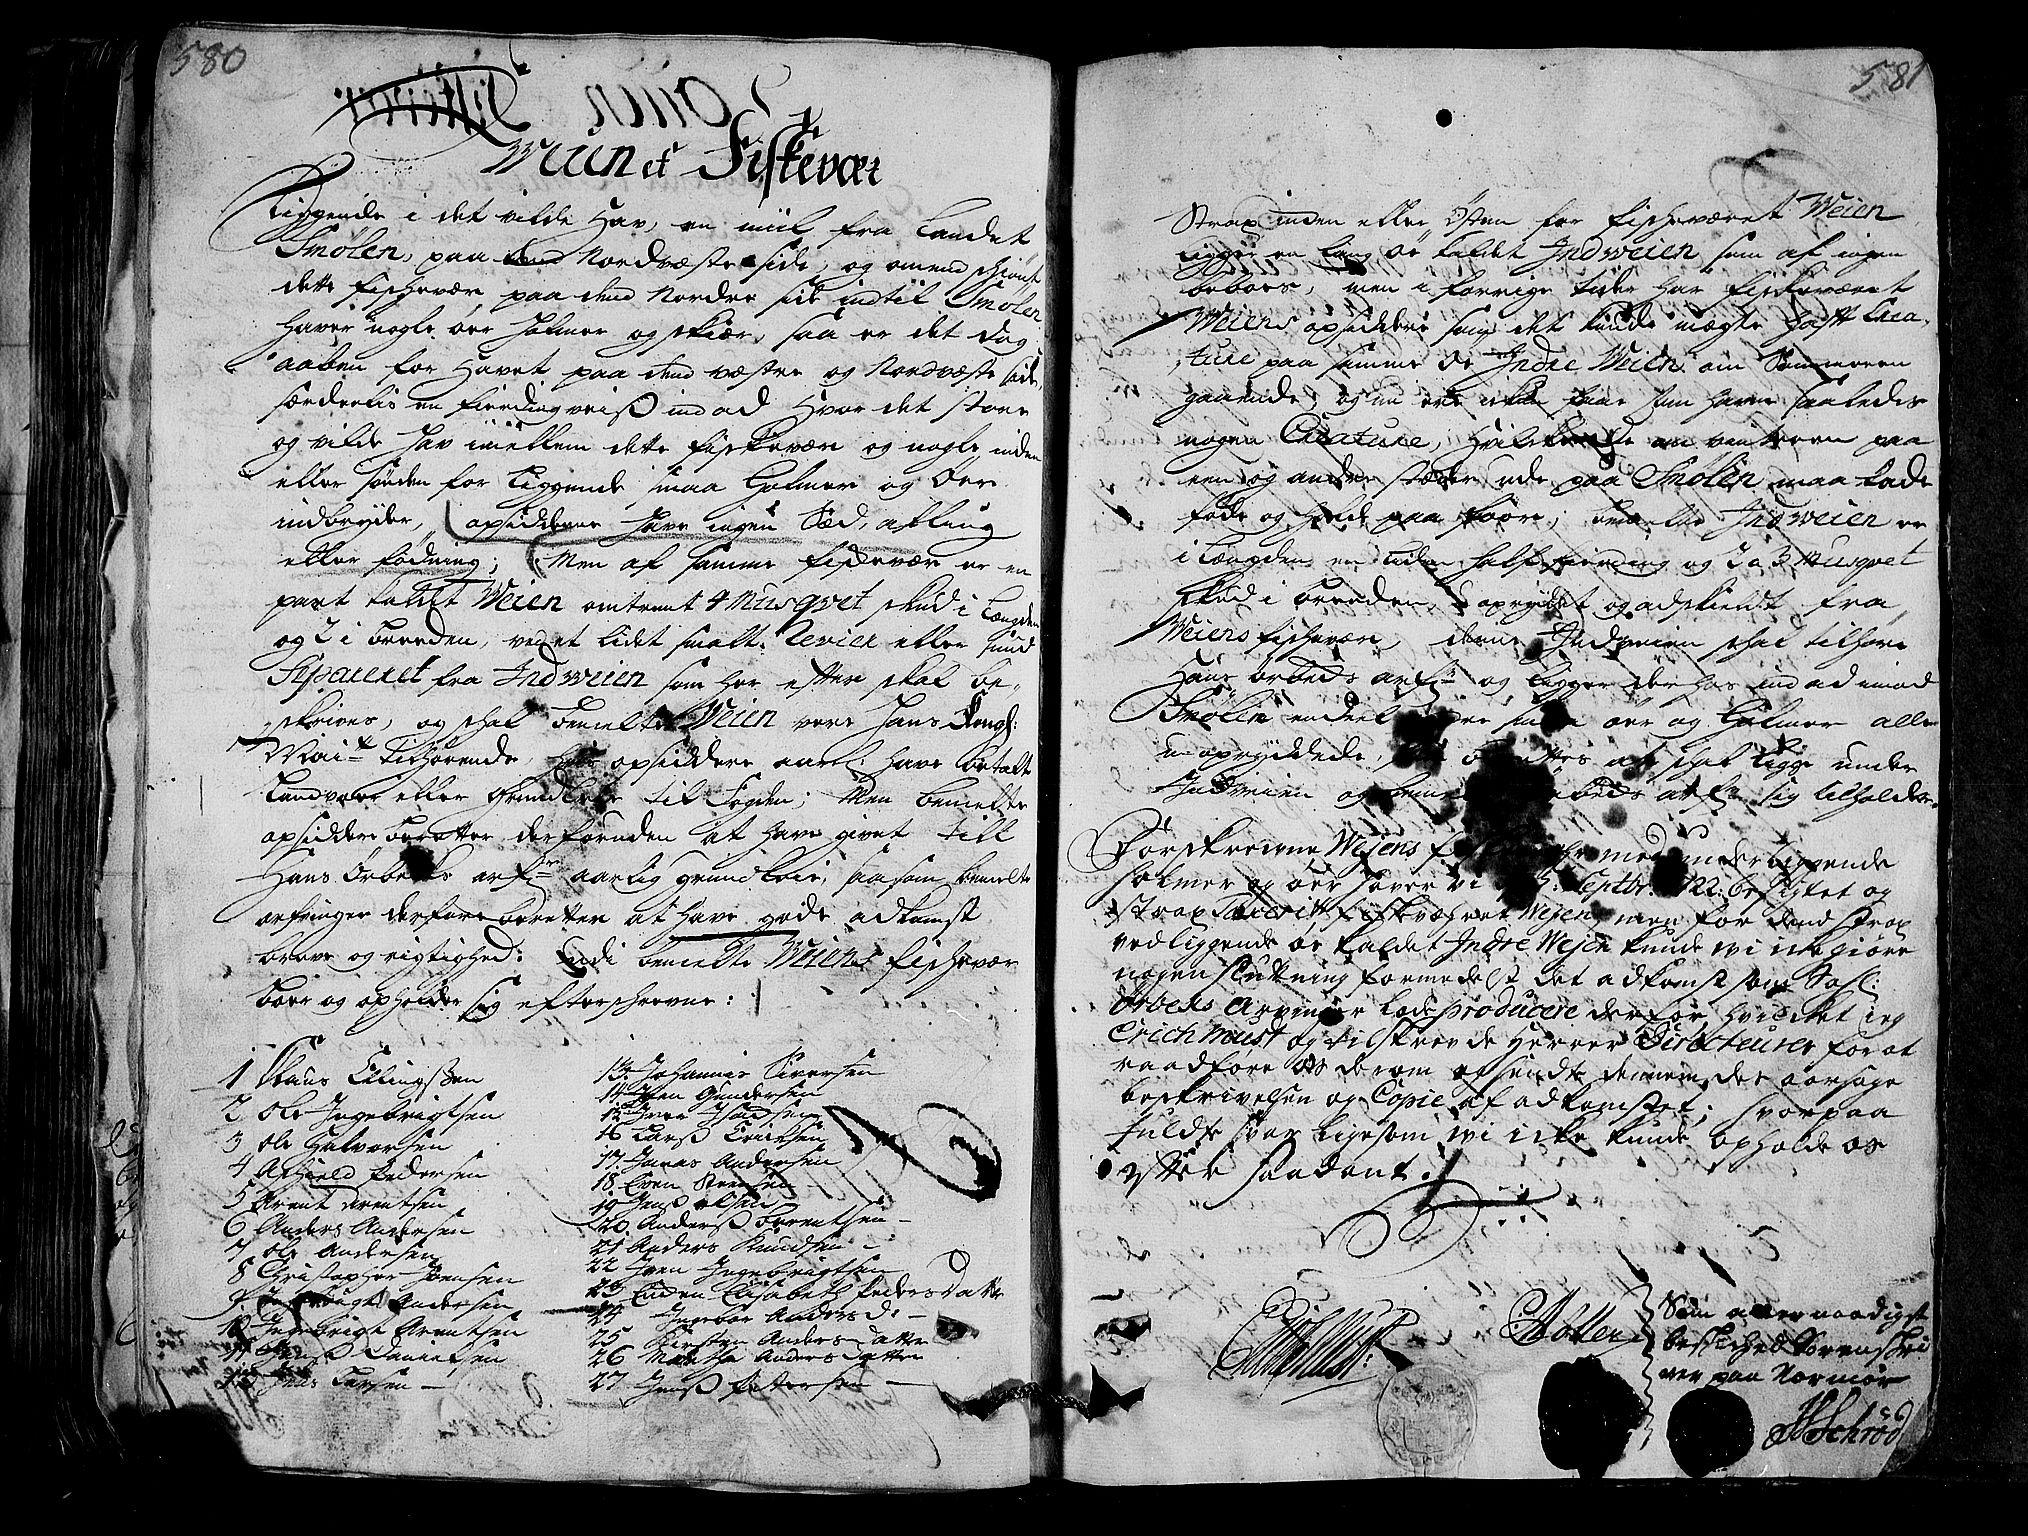 RA, Rentekammeret inntil 1814, Realistisk ordnet avdeling, N/Nb/Nbf/L0154: Nordmøre eksaminasjonsprotokoll, 1721-1723, s. 580-581